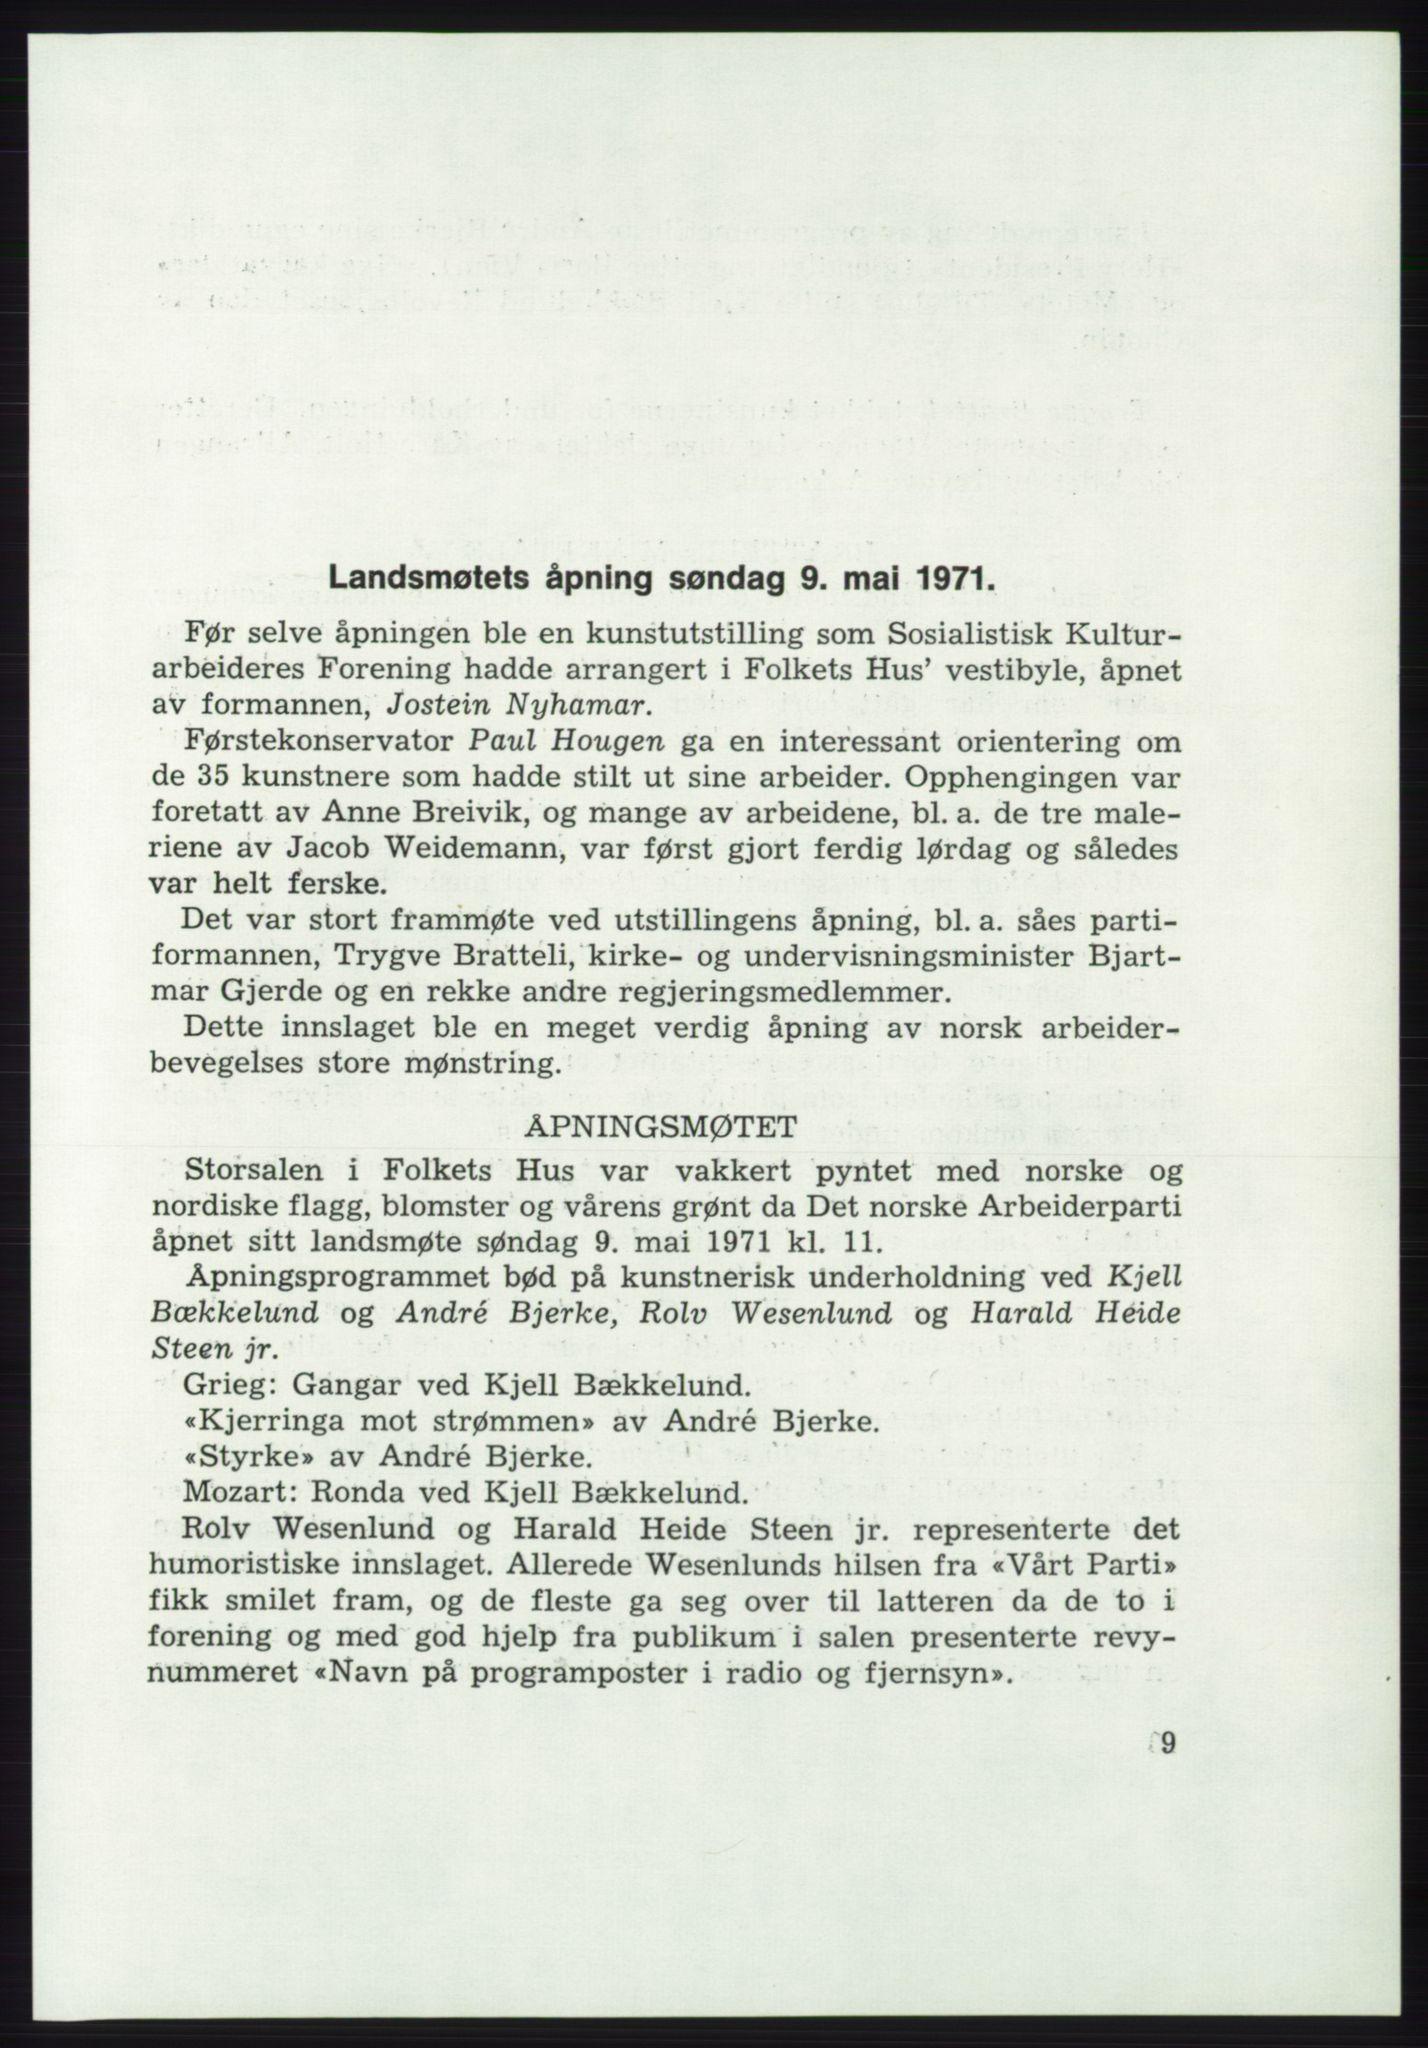 AAB, Det norske Arbeiderparti - publikasjoner, -/-: Protokoll over forhandlingene på det 43. ordinære landsmøte 9.-11. mai 1971 i Oslo, 1971, s. 9